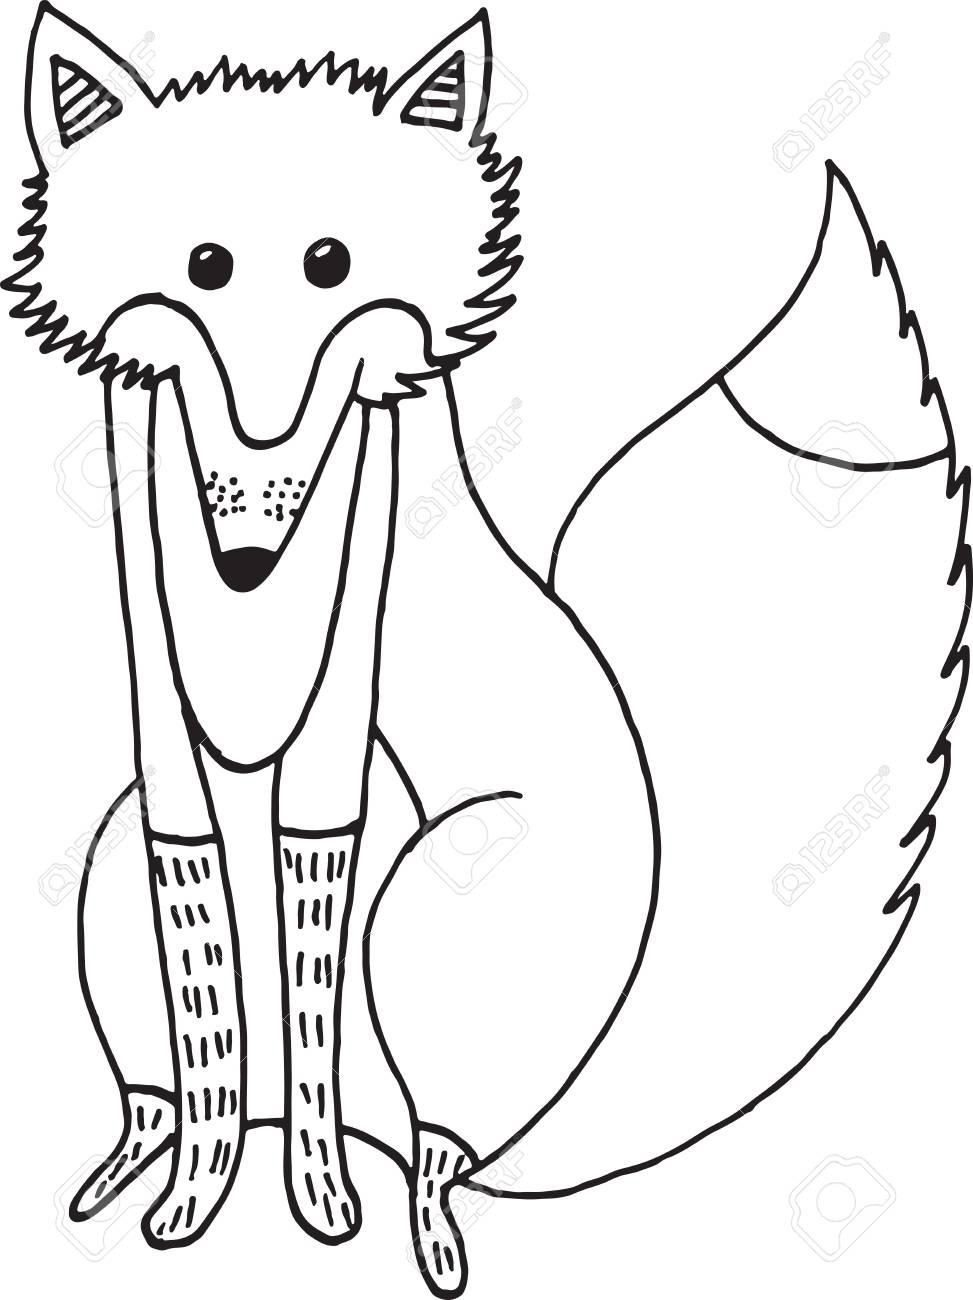 Bosque Zorro Bosque De Dibujos Animados Doodle Ilustración Colorear Dibujo De Dibujo Para Colorear